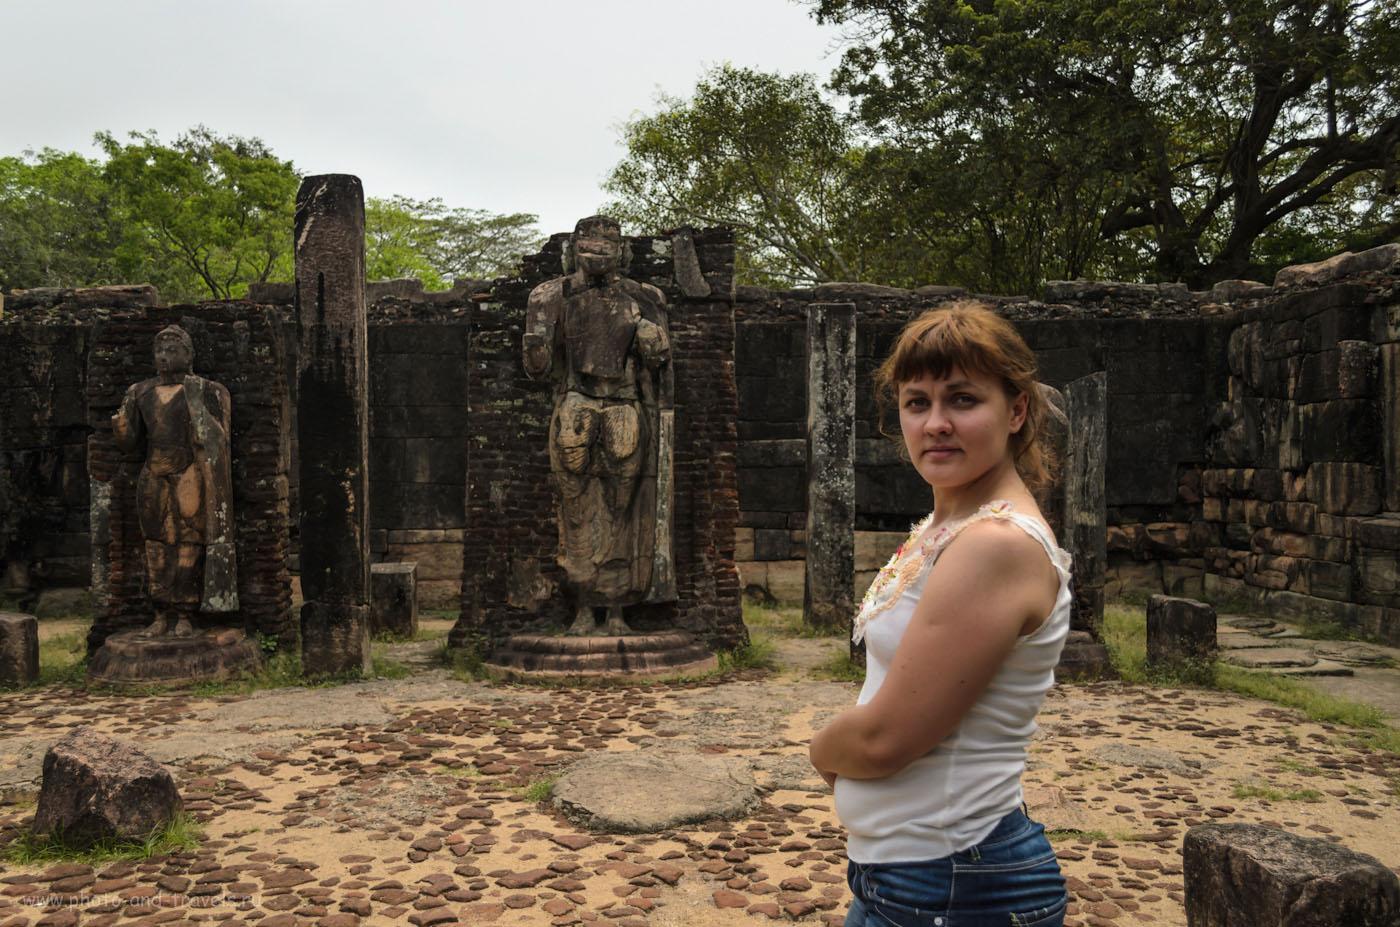 Фото 7. Не фотографируйтесь спиной к Будде. Только боком. Это правило действует не только во время экскурсий на Шри-Ланке, но и во всех буддийских странах. Отзывы туристов о поездке в Полоннарува.